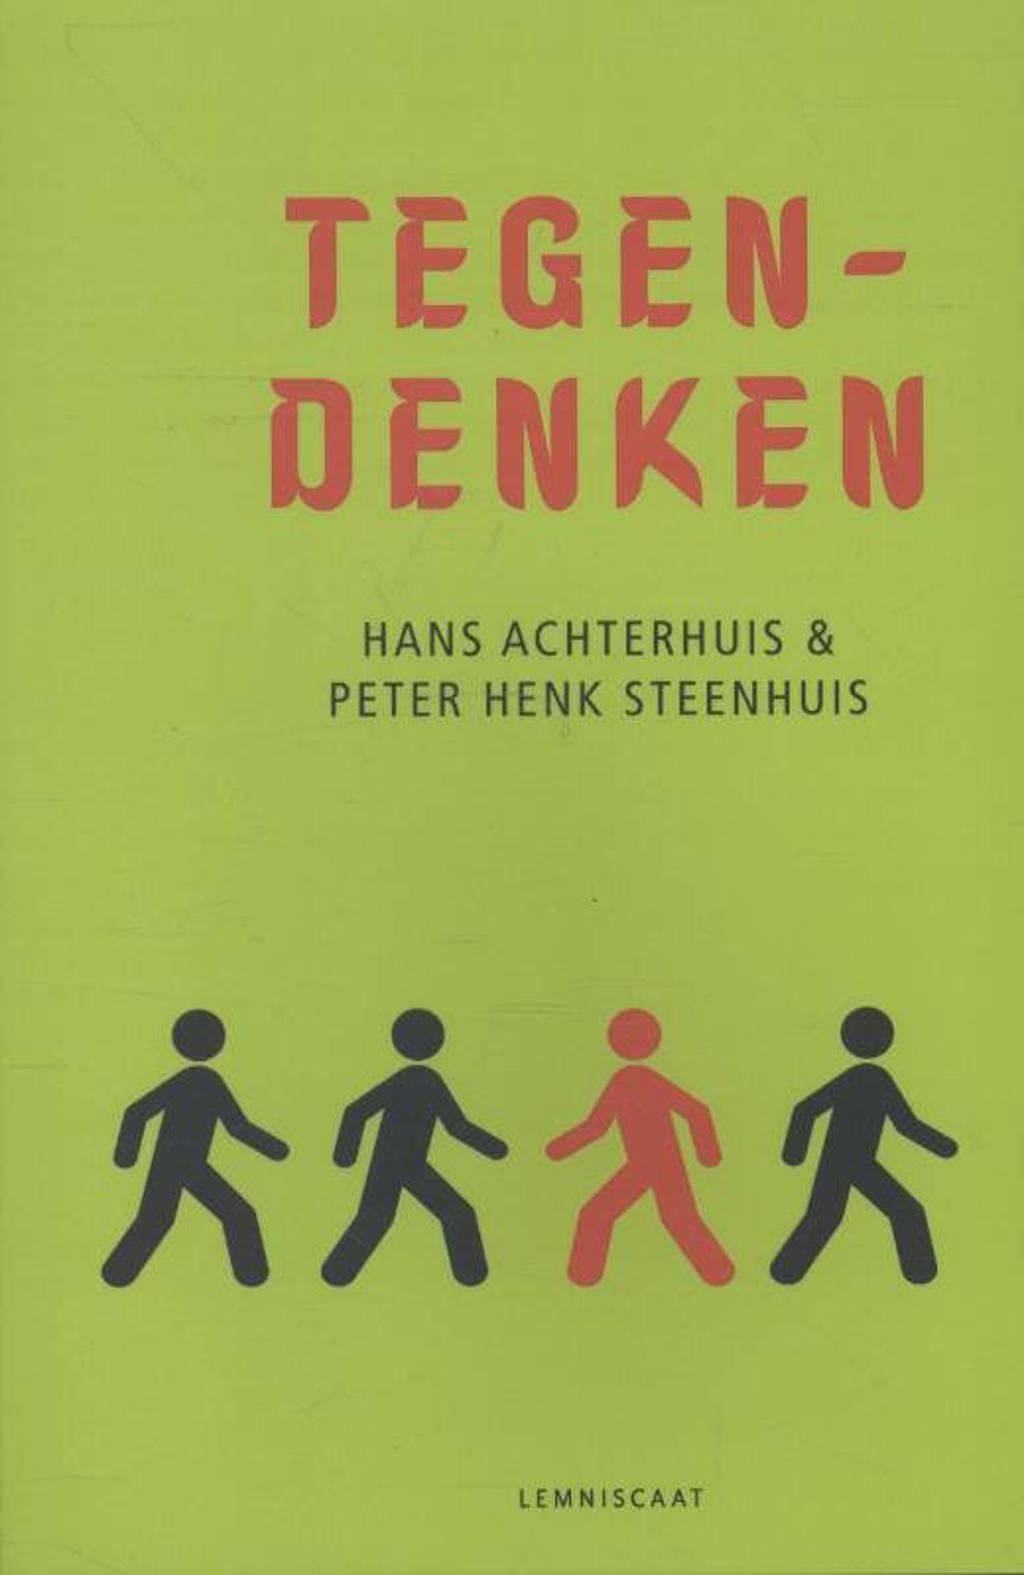 Tegendenken - Hans Achterhuis en Peter Henk Steenhuis